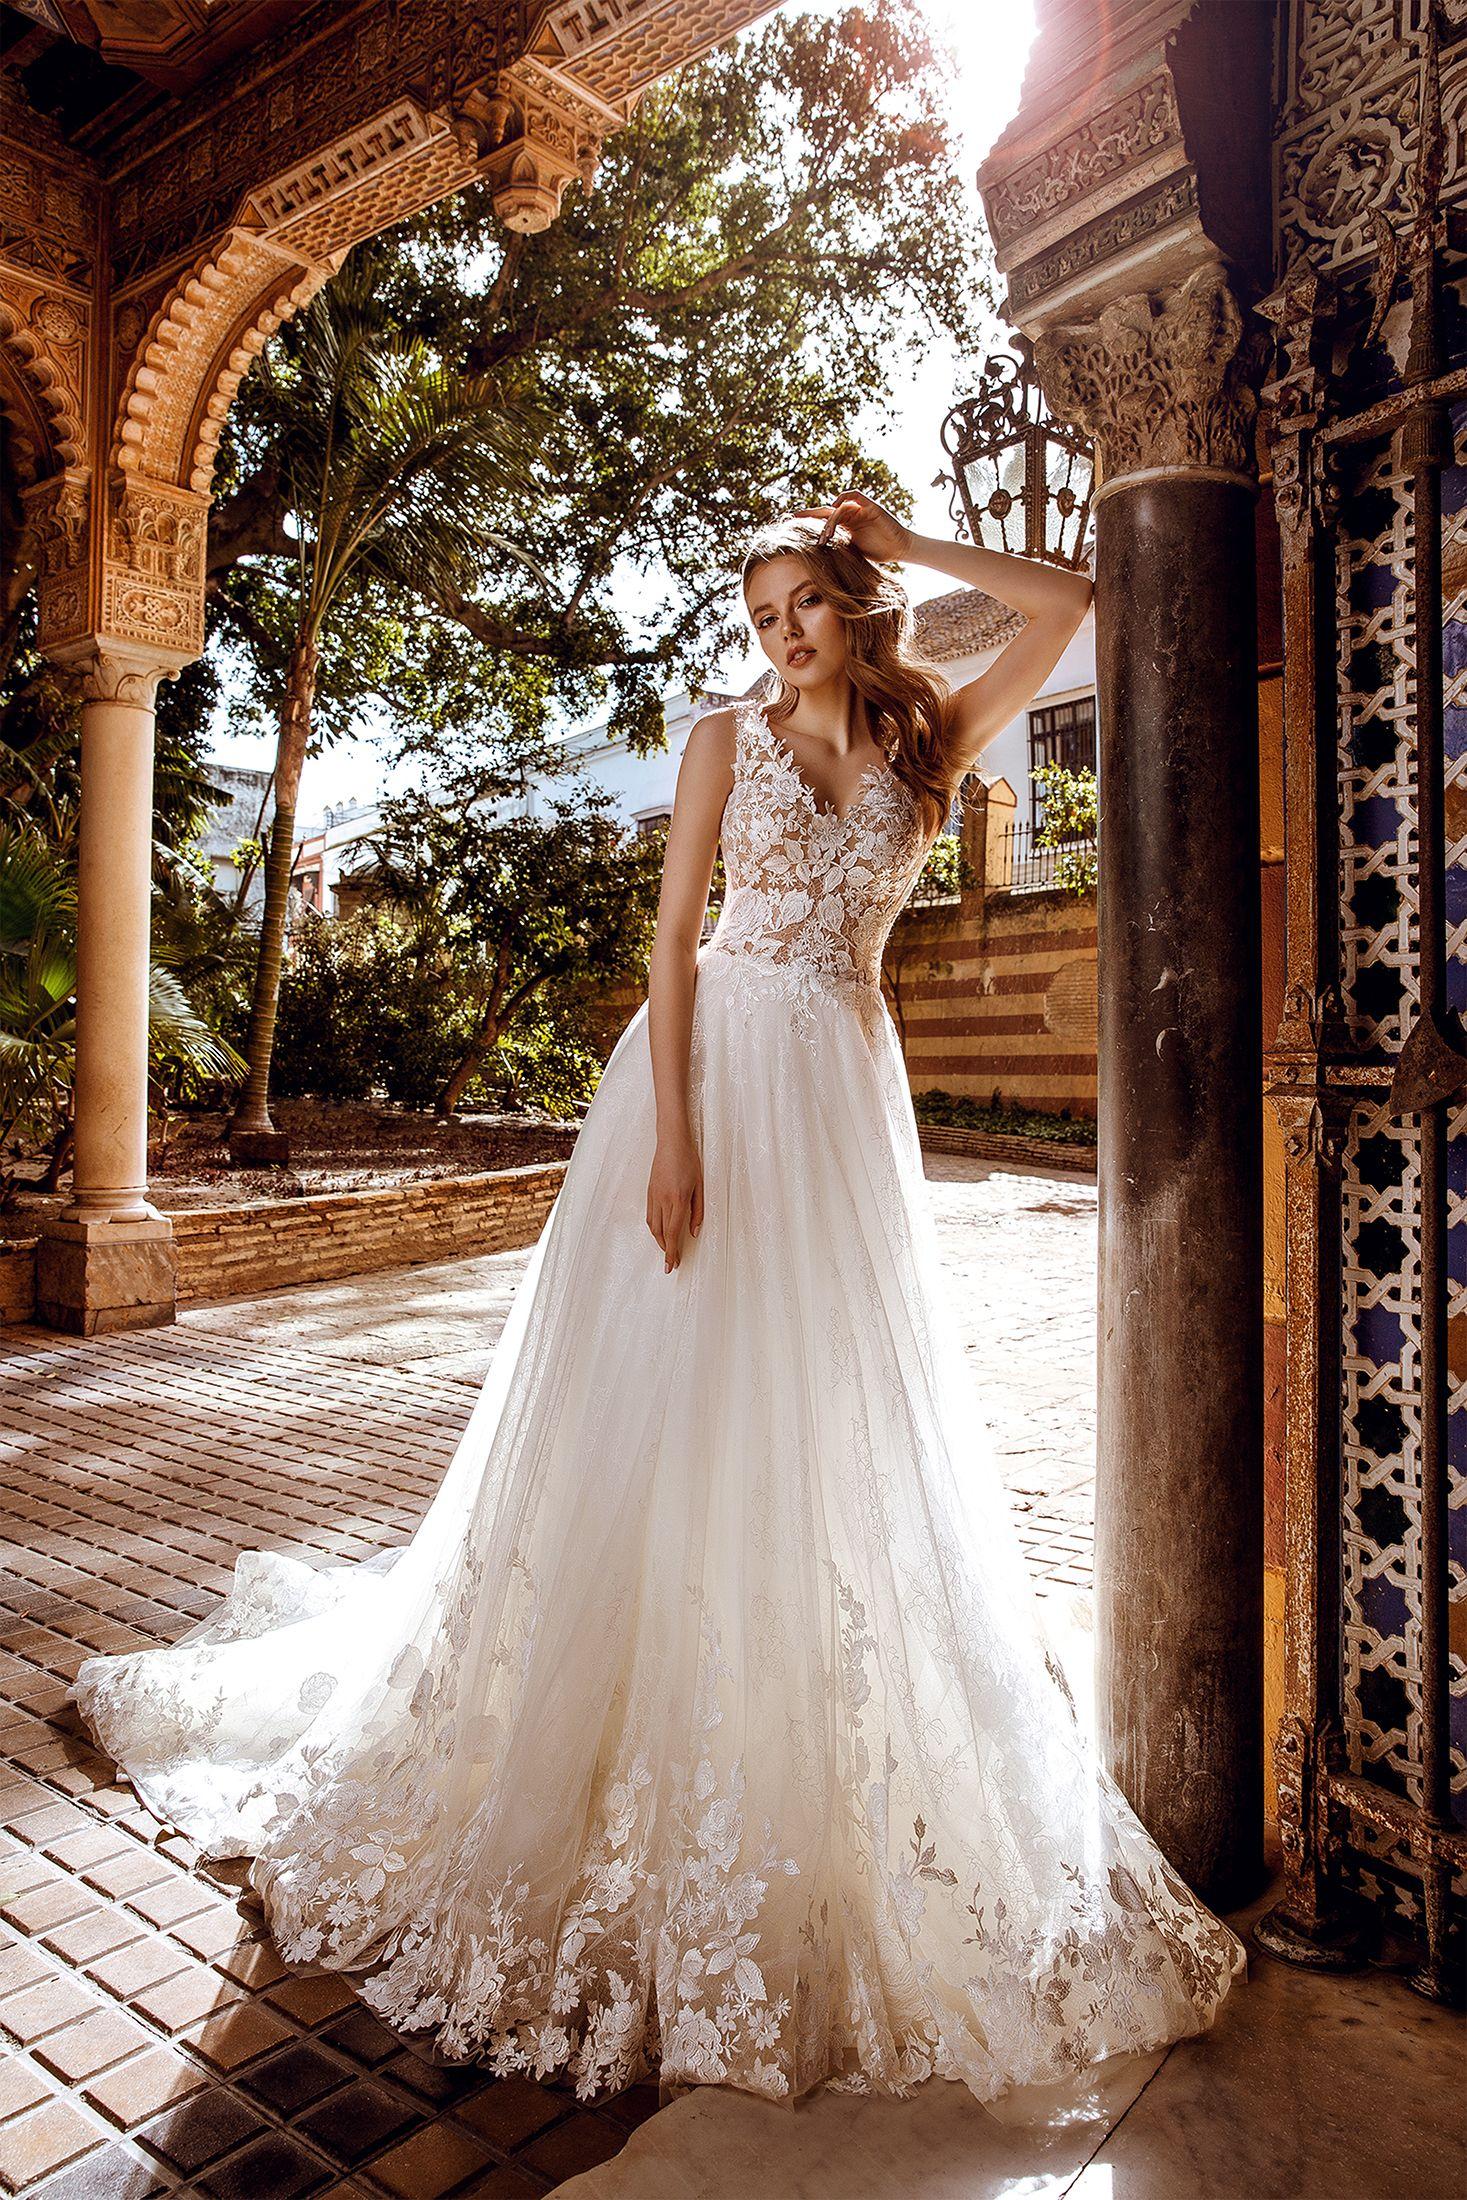 Vestidos de novia 2019 #bodas #weddings #bodasnet #bride #bridelook ...